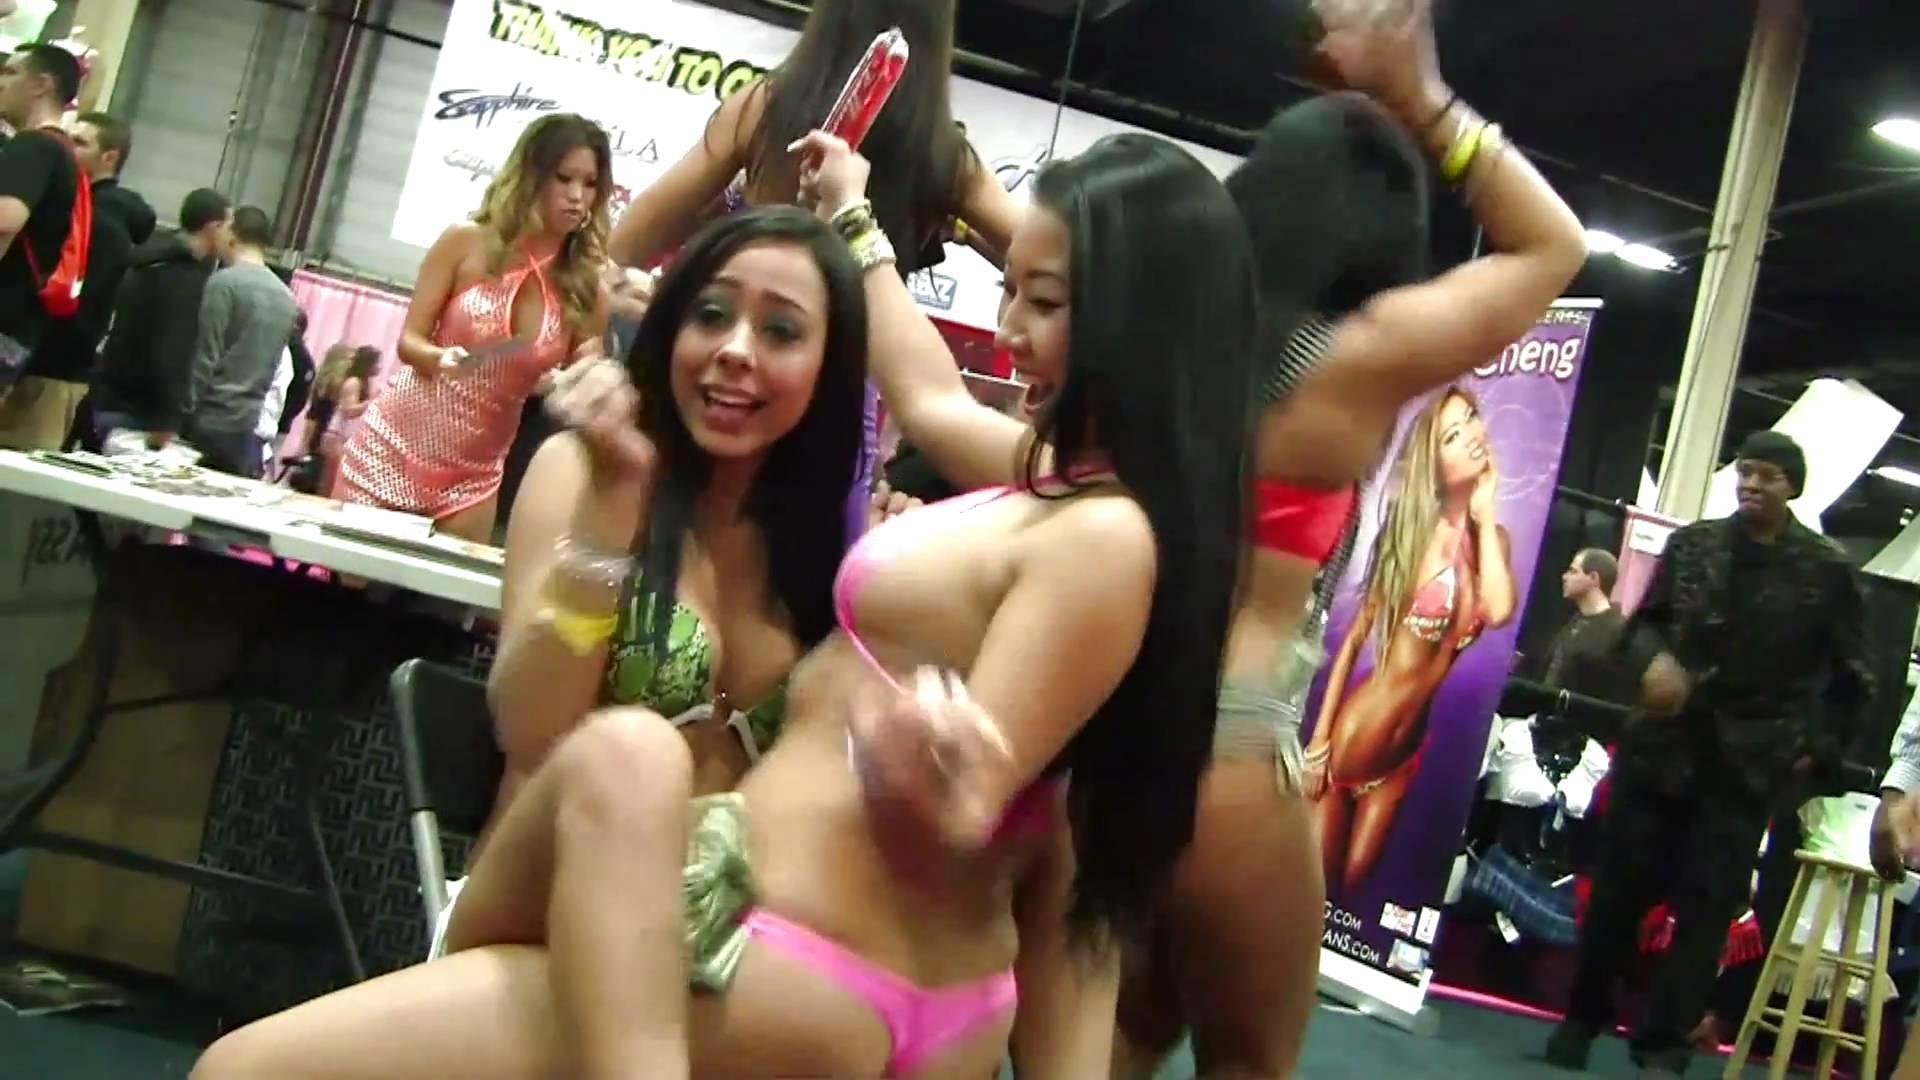 Hot sexy girls stripping having sex